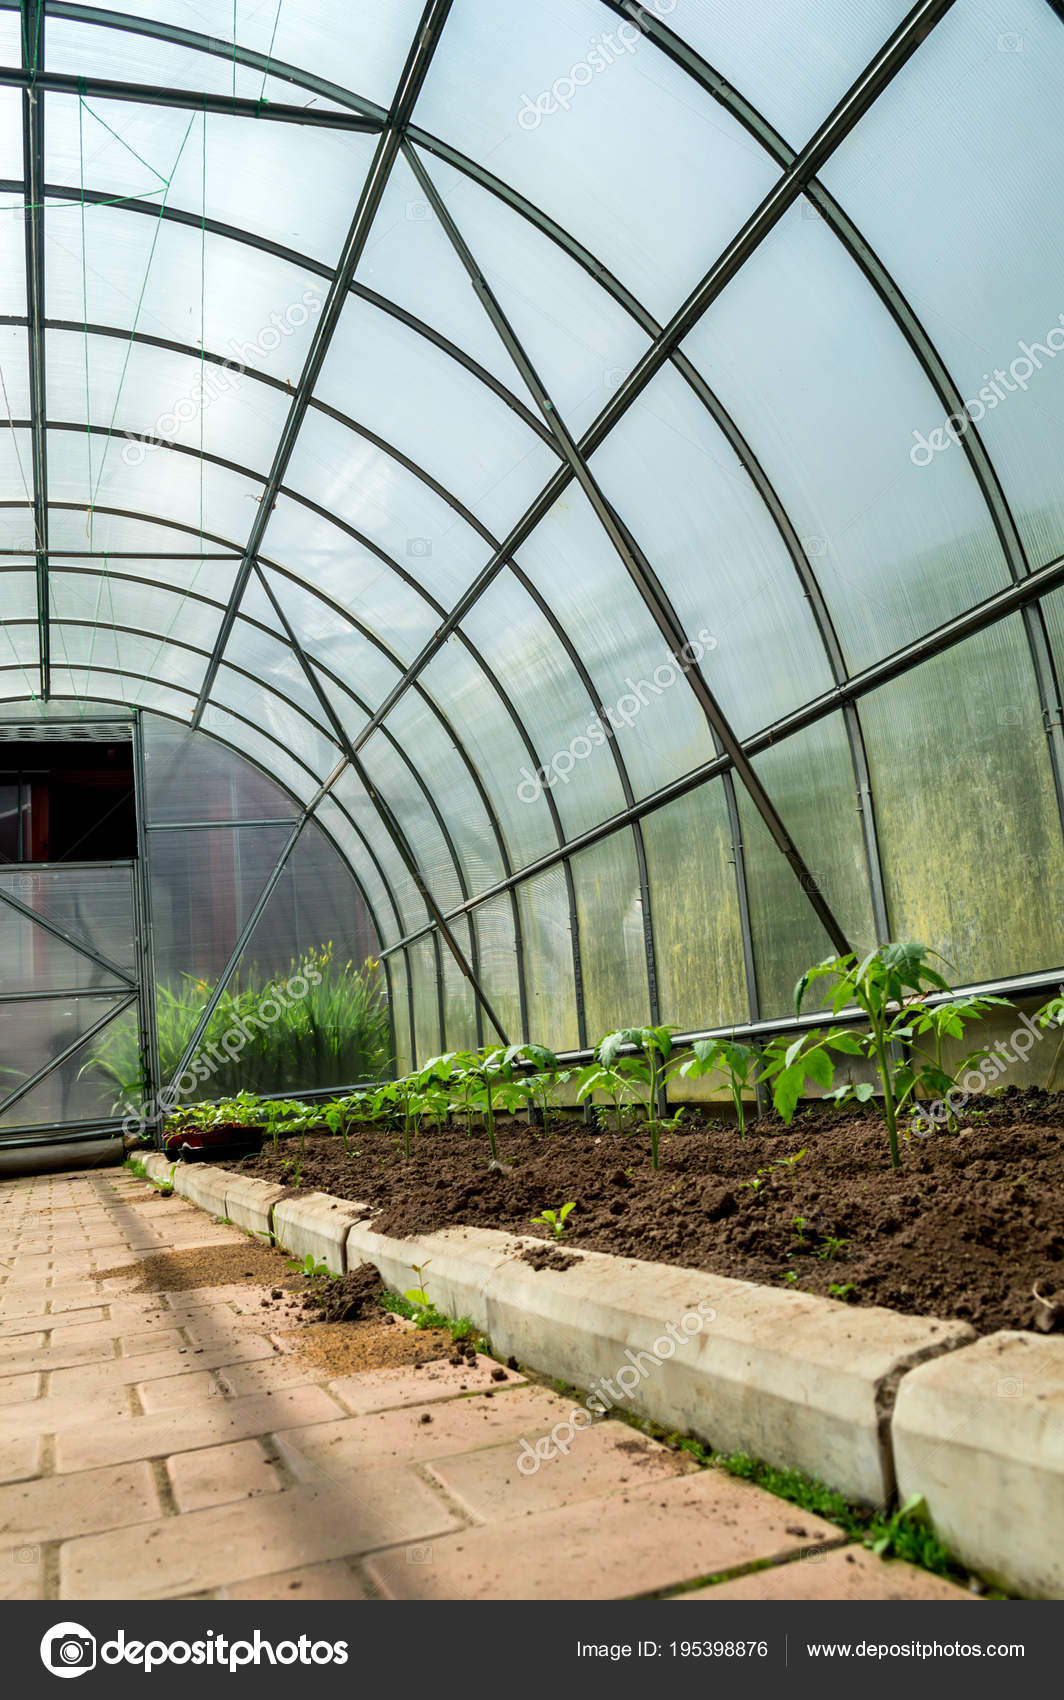 L\'intérieur petite serre jardin — Photographie Greentellect © #195398876